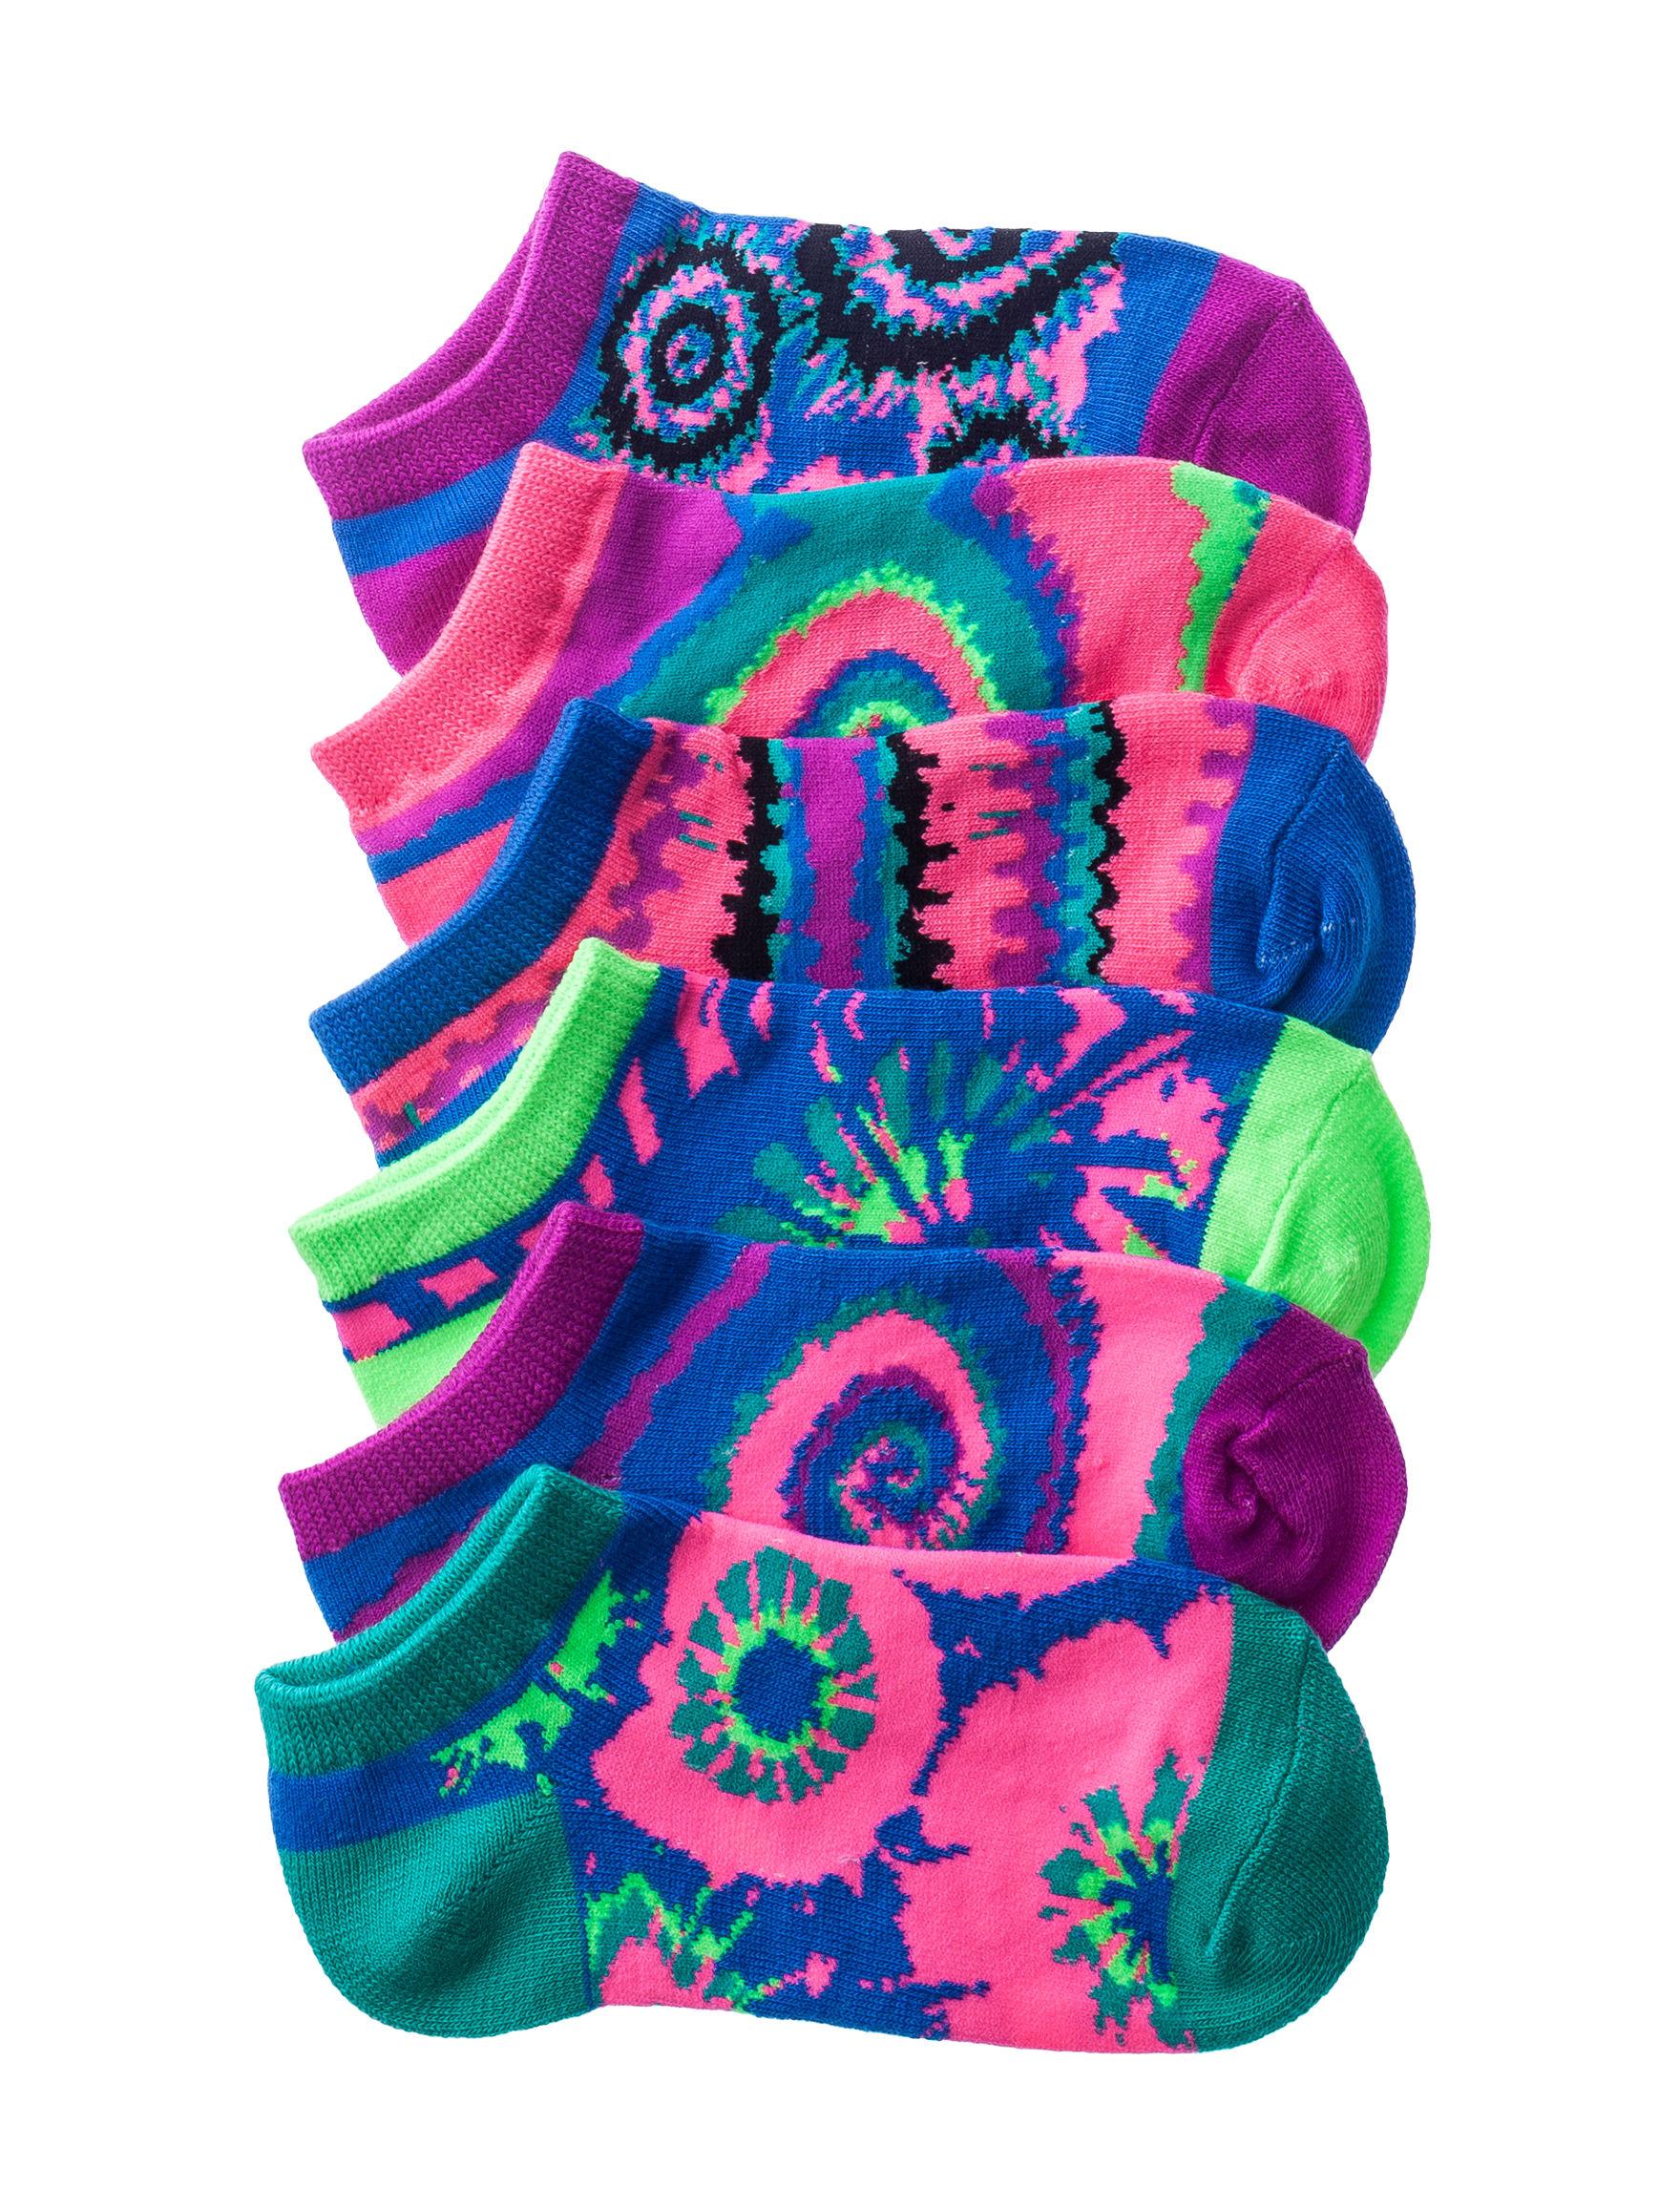 La De Da Pink Multi Socks